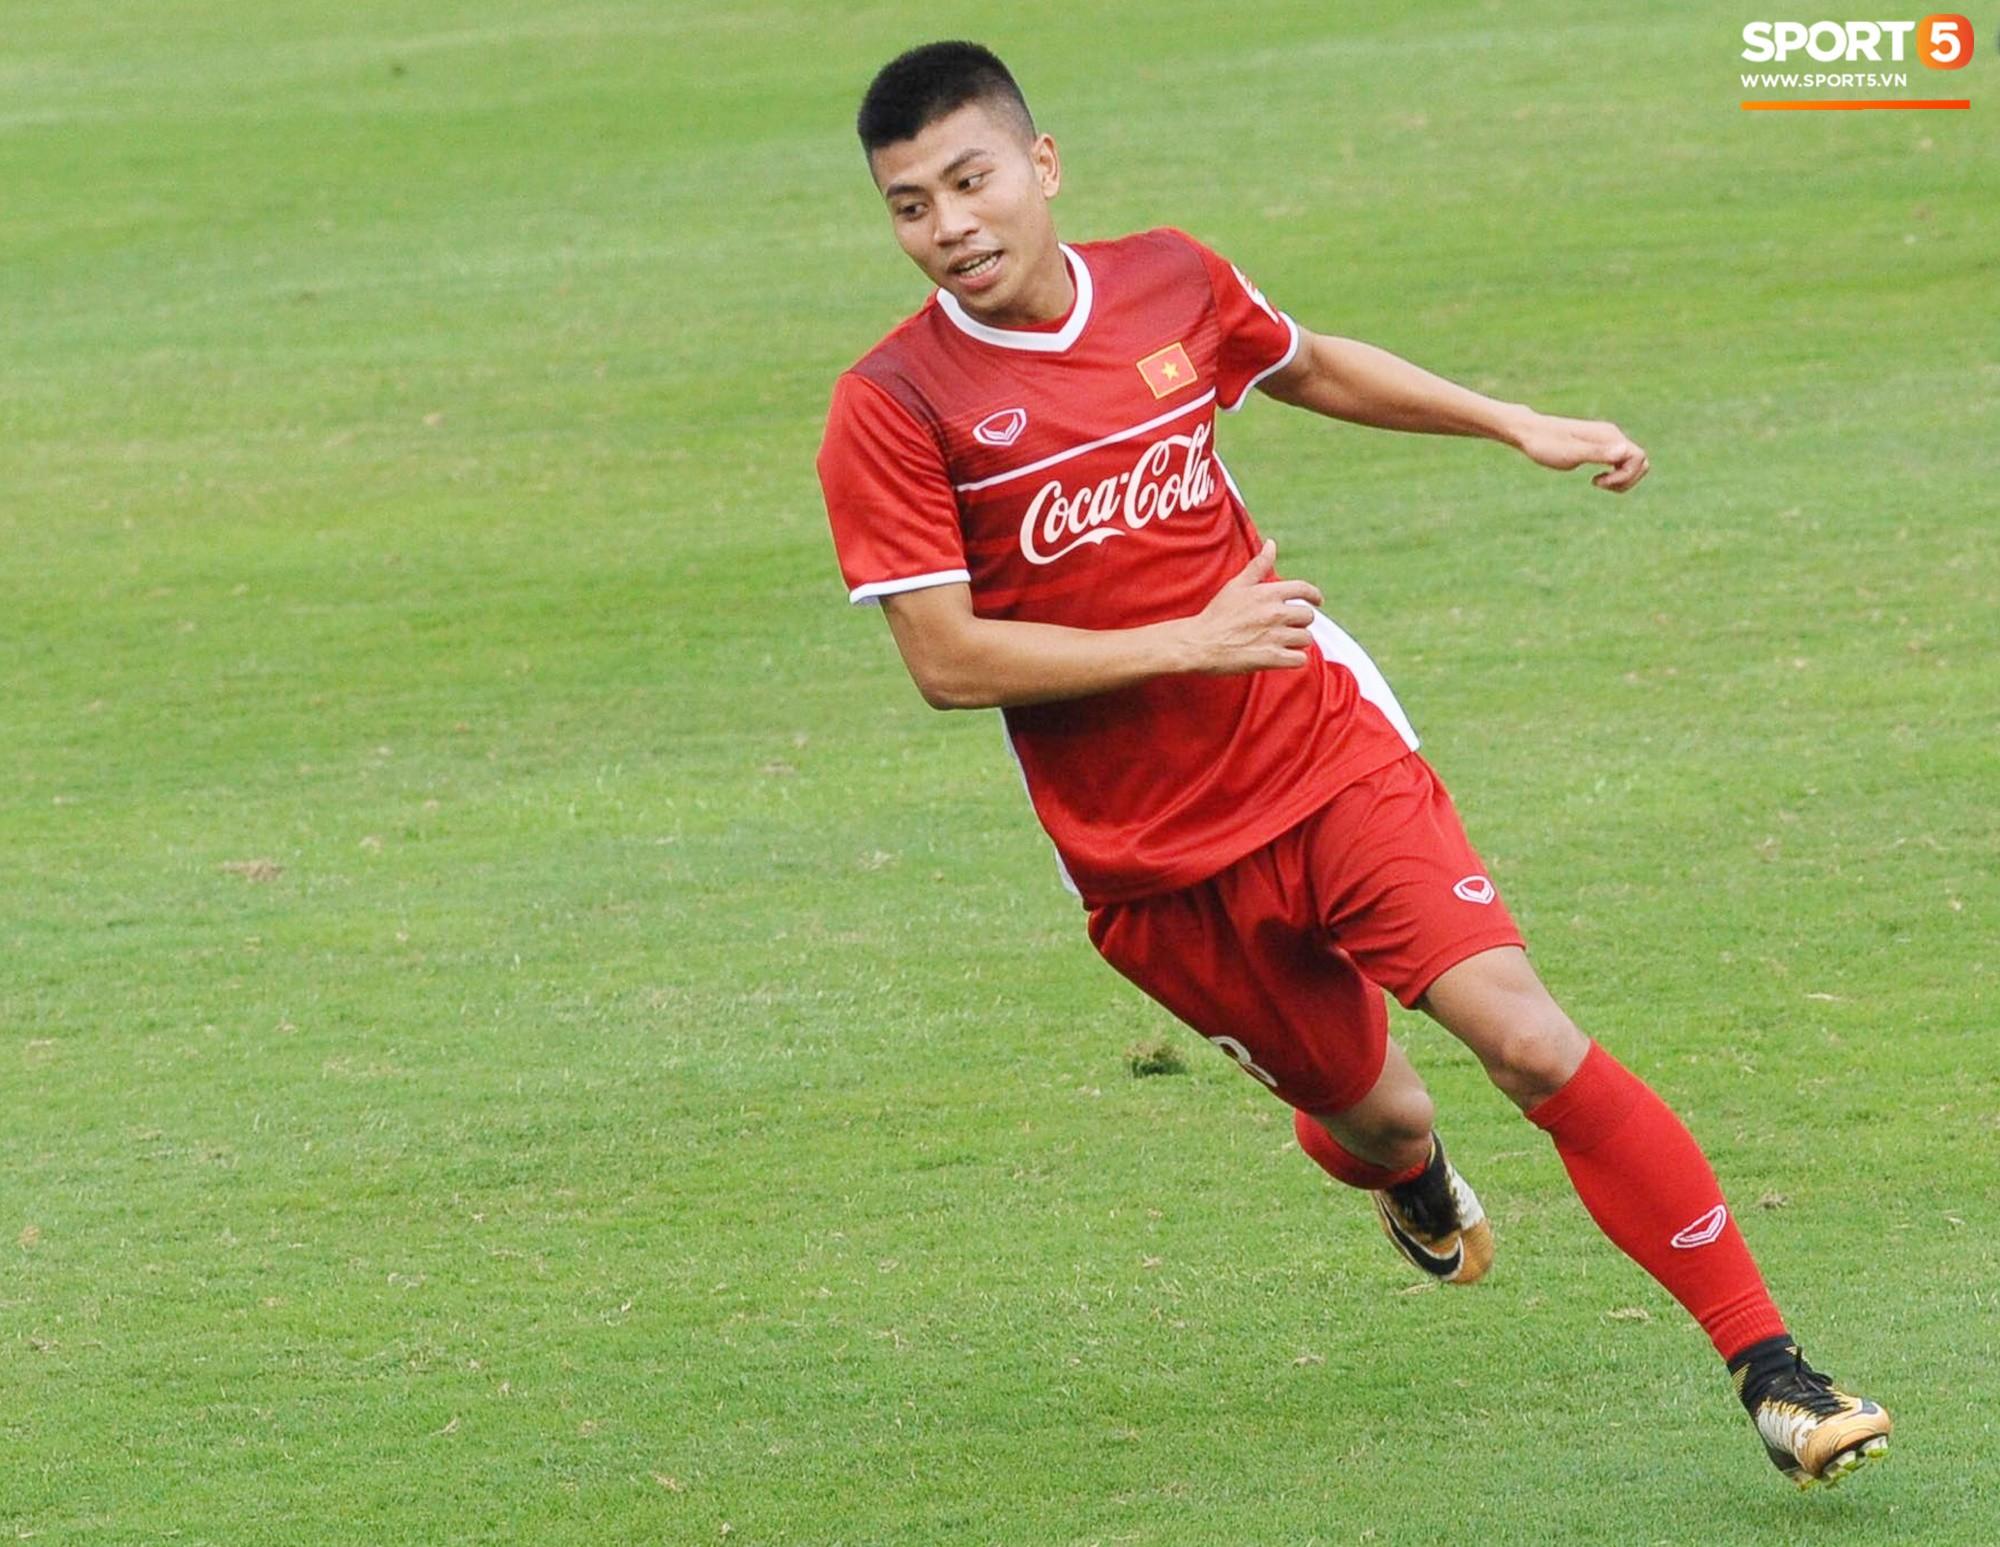 Đội tuyển Việt Nam chốt danh sách 23 thành viên, Đinh Thanh Bình về nước - Ảnh 1.